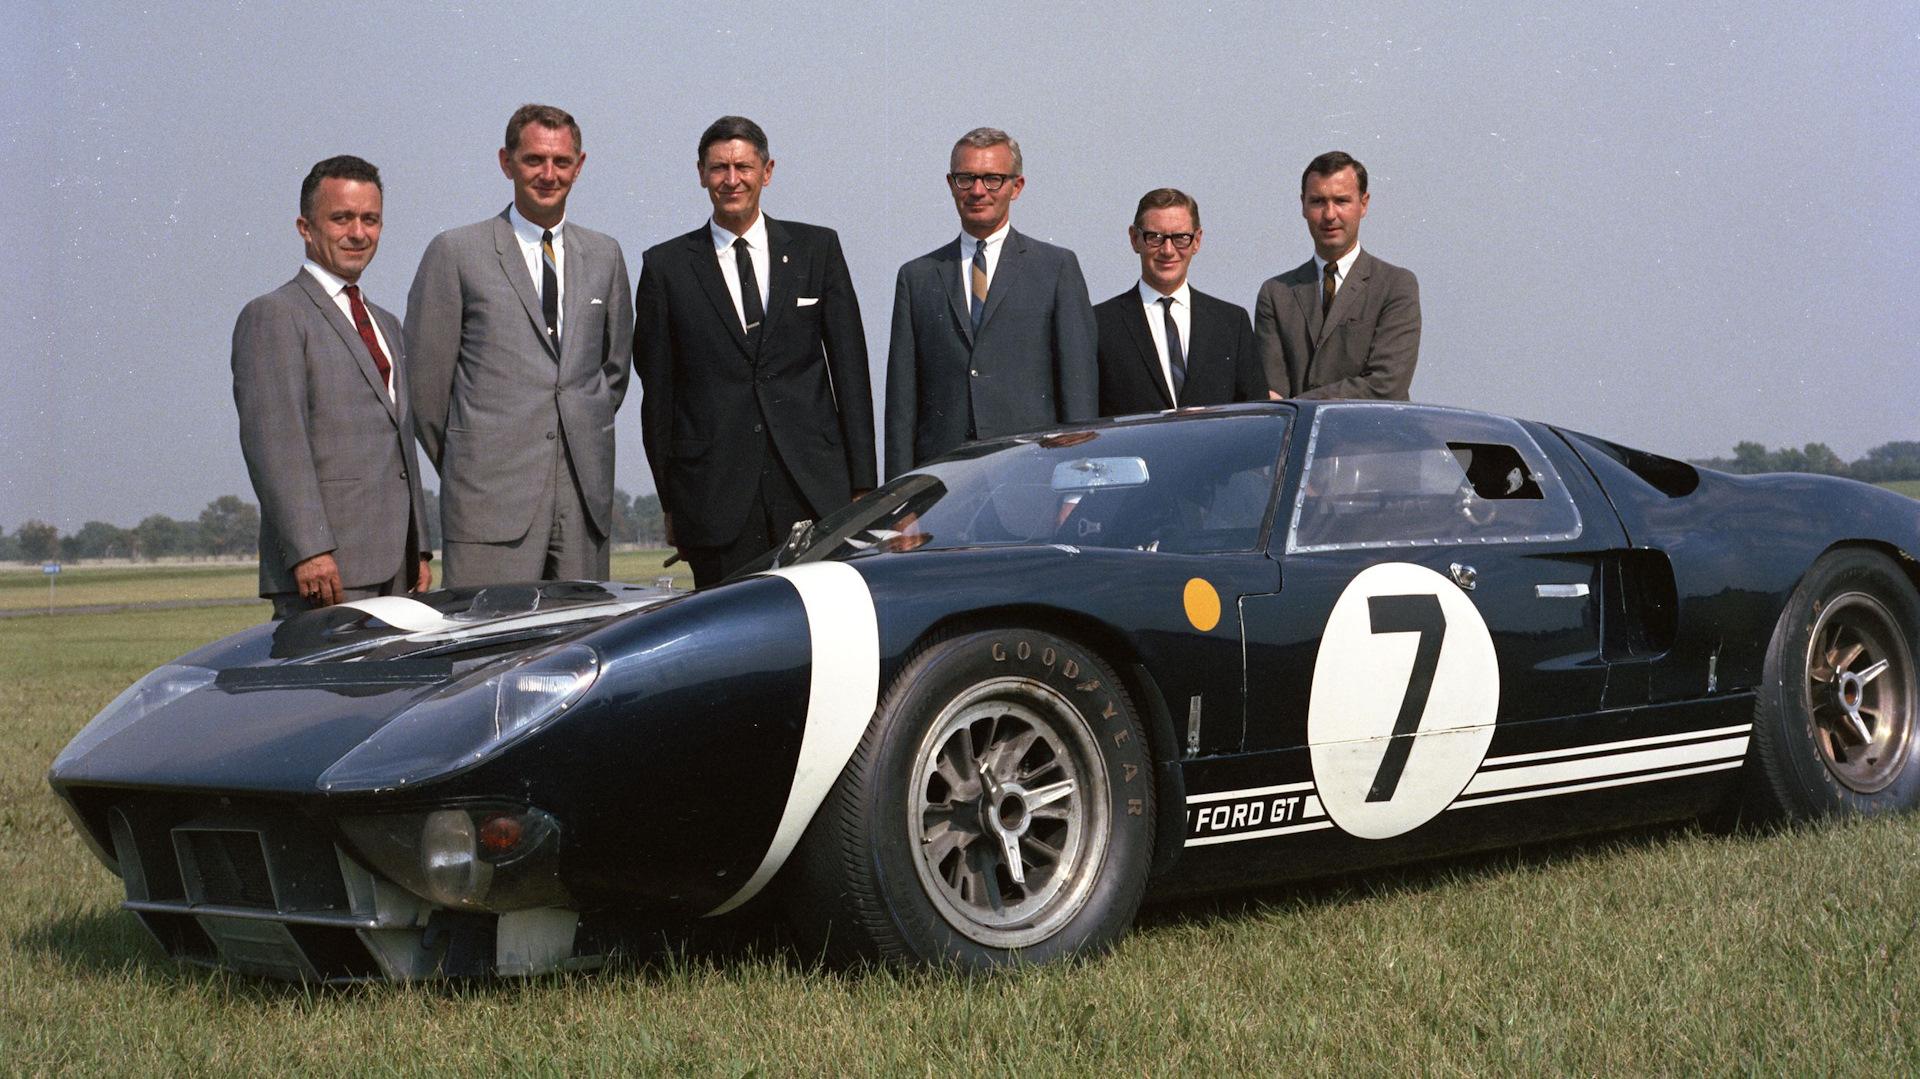 Ford GT40 фото 1964 года , рядом команда менеджеров Форда